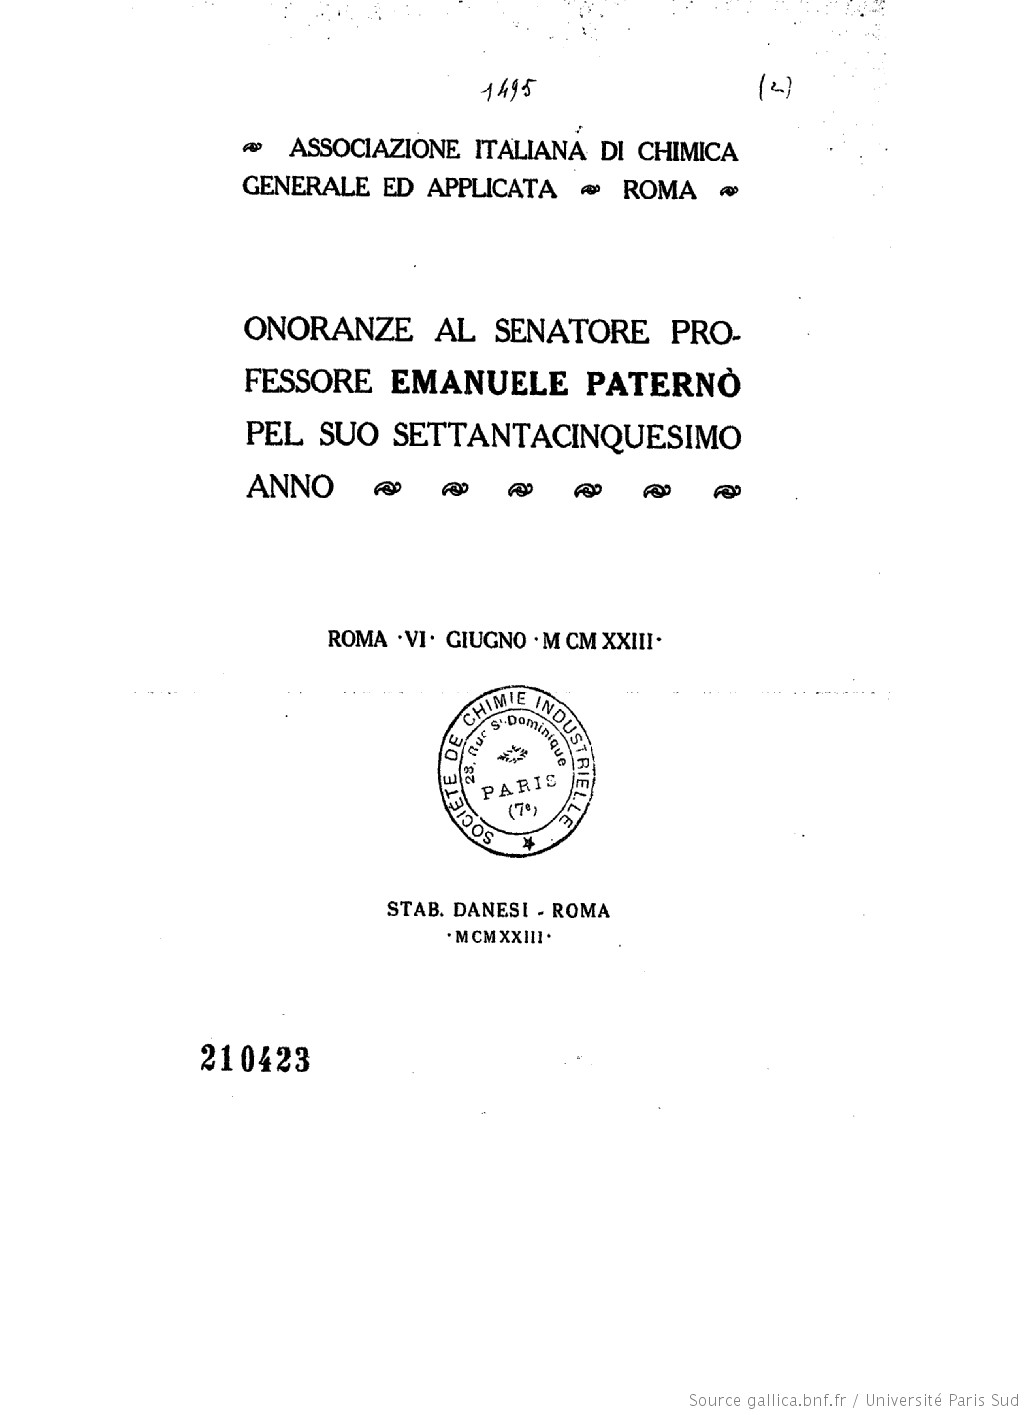 Onoranze al senatore professore Emanuele Paternò pel suo settantacinquesimo anno